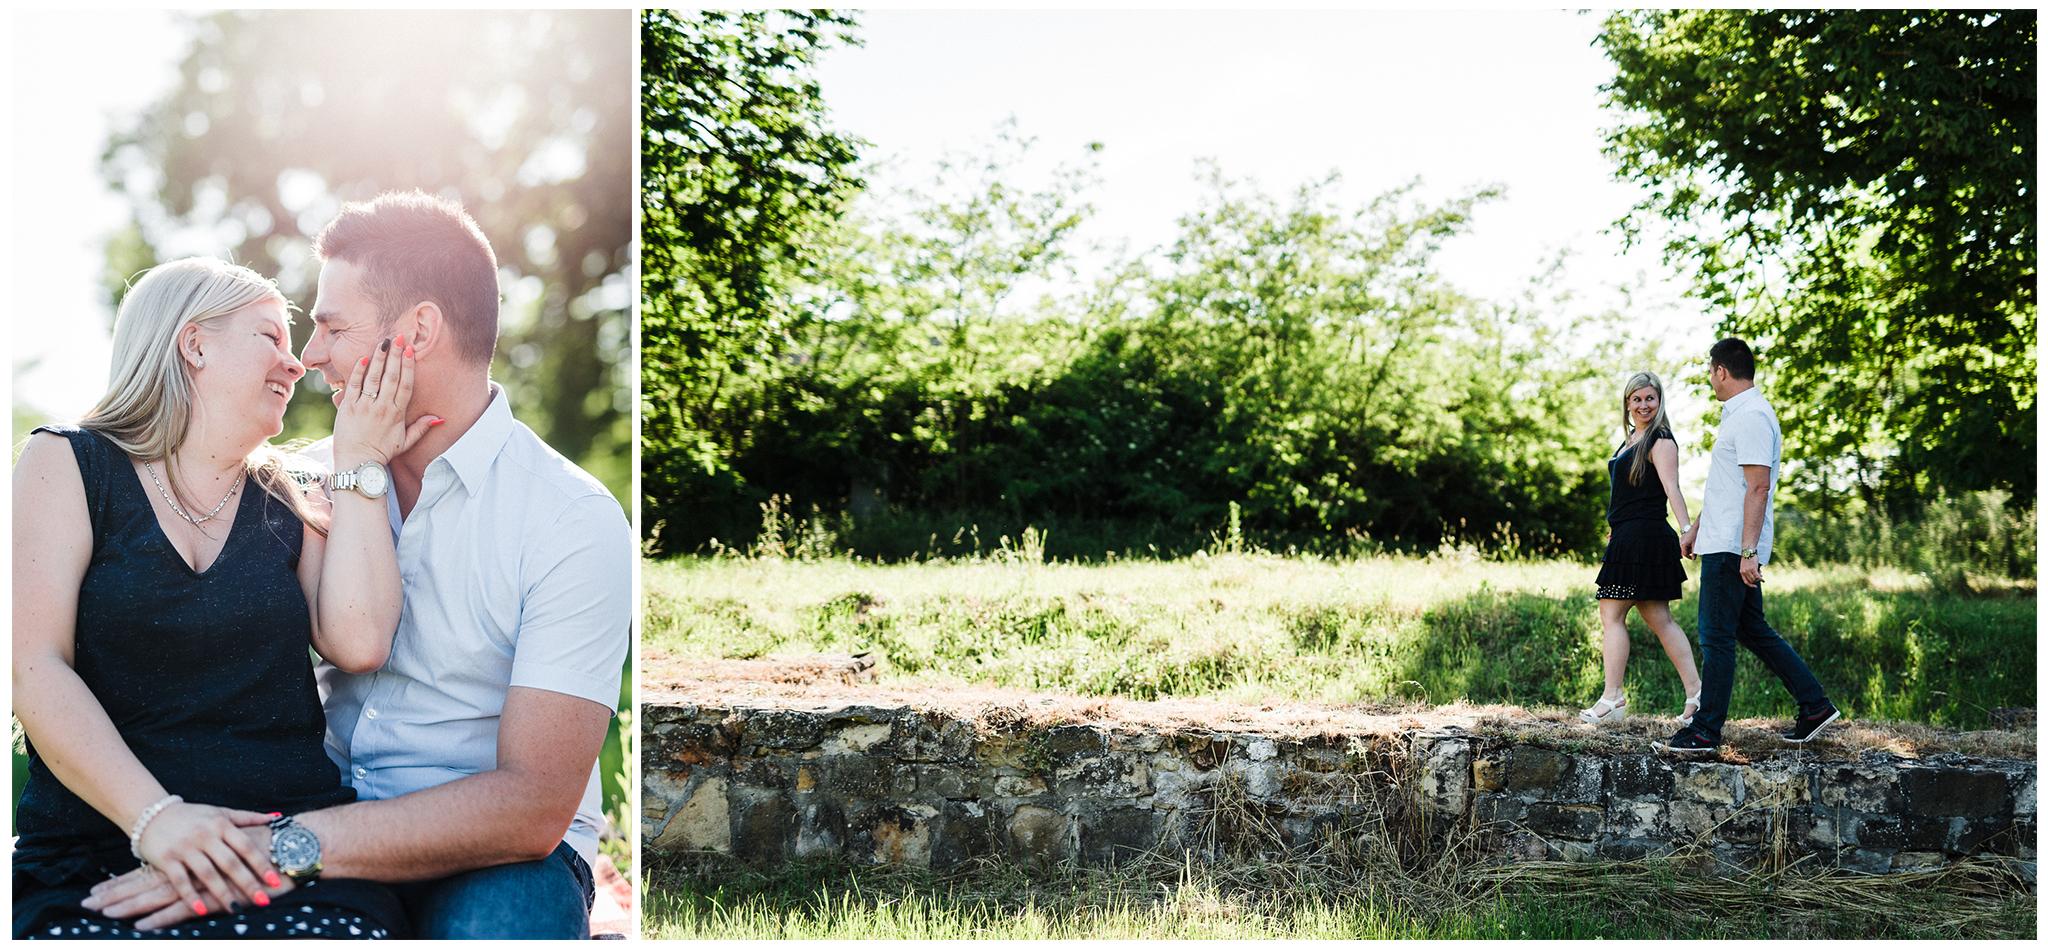 MONT_FylepPhoto, Esküvőfotós Vasmegye, Esküvő fotózás, Esküvői fotós, Körmend, Vas megye, Dunántúl, Budapest, Balaton, Fülöp Péter, Jegyes fotózás, jegyesfotó_Barb&Zoli,2018_7.jpg